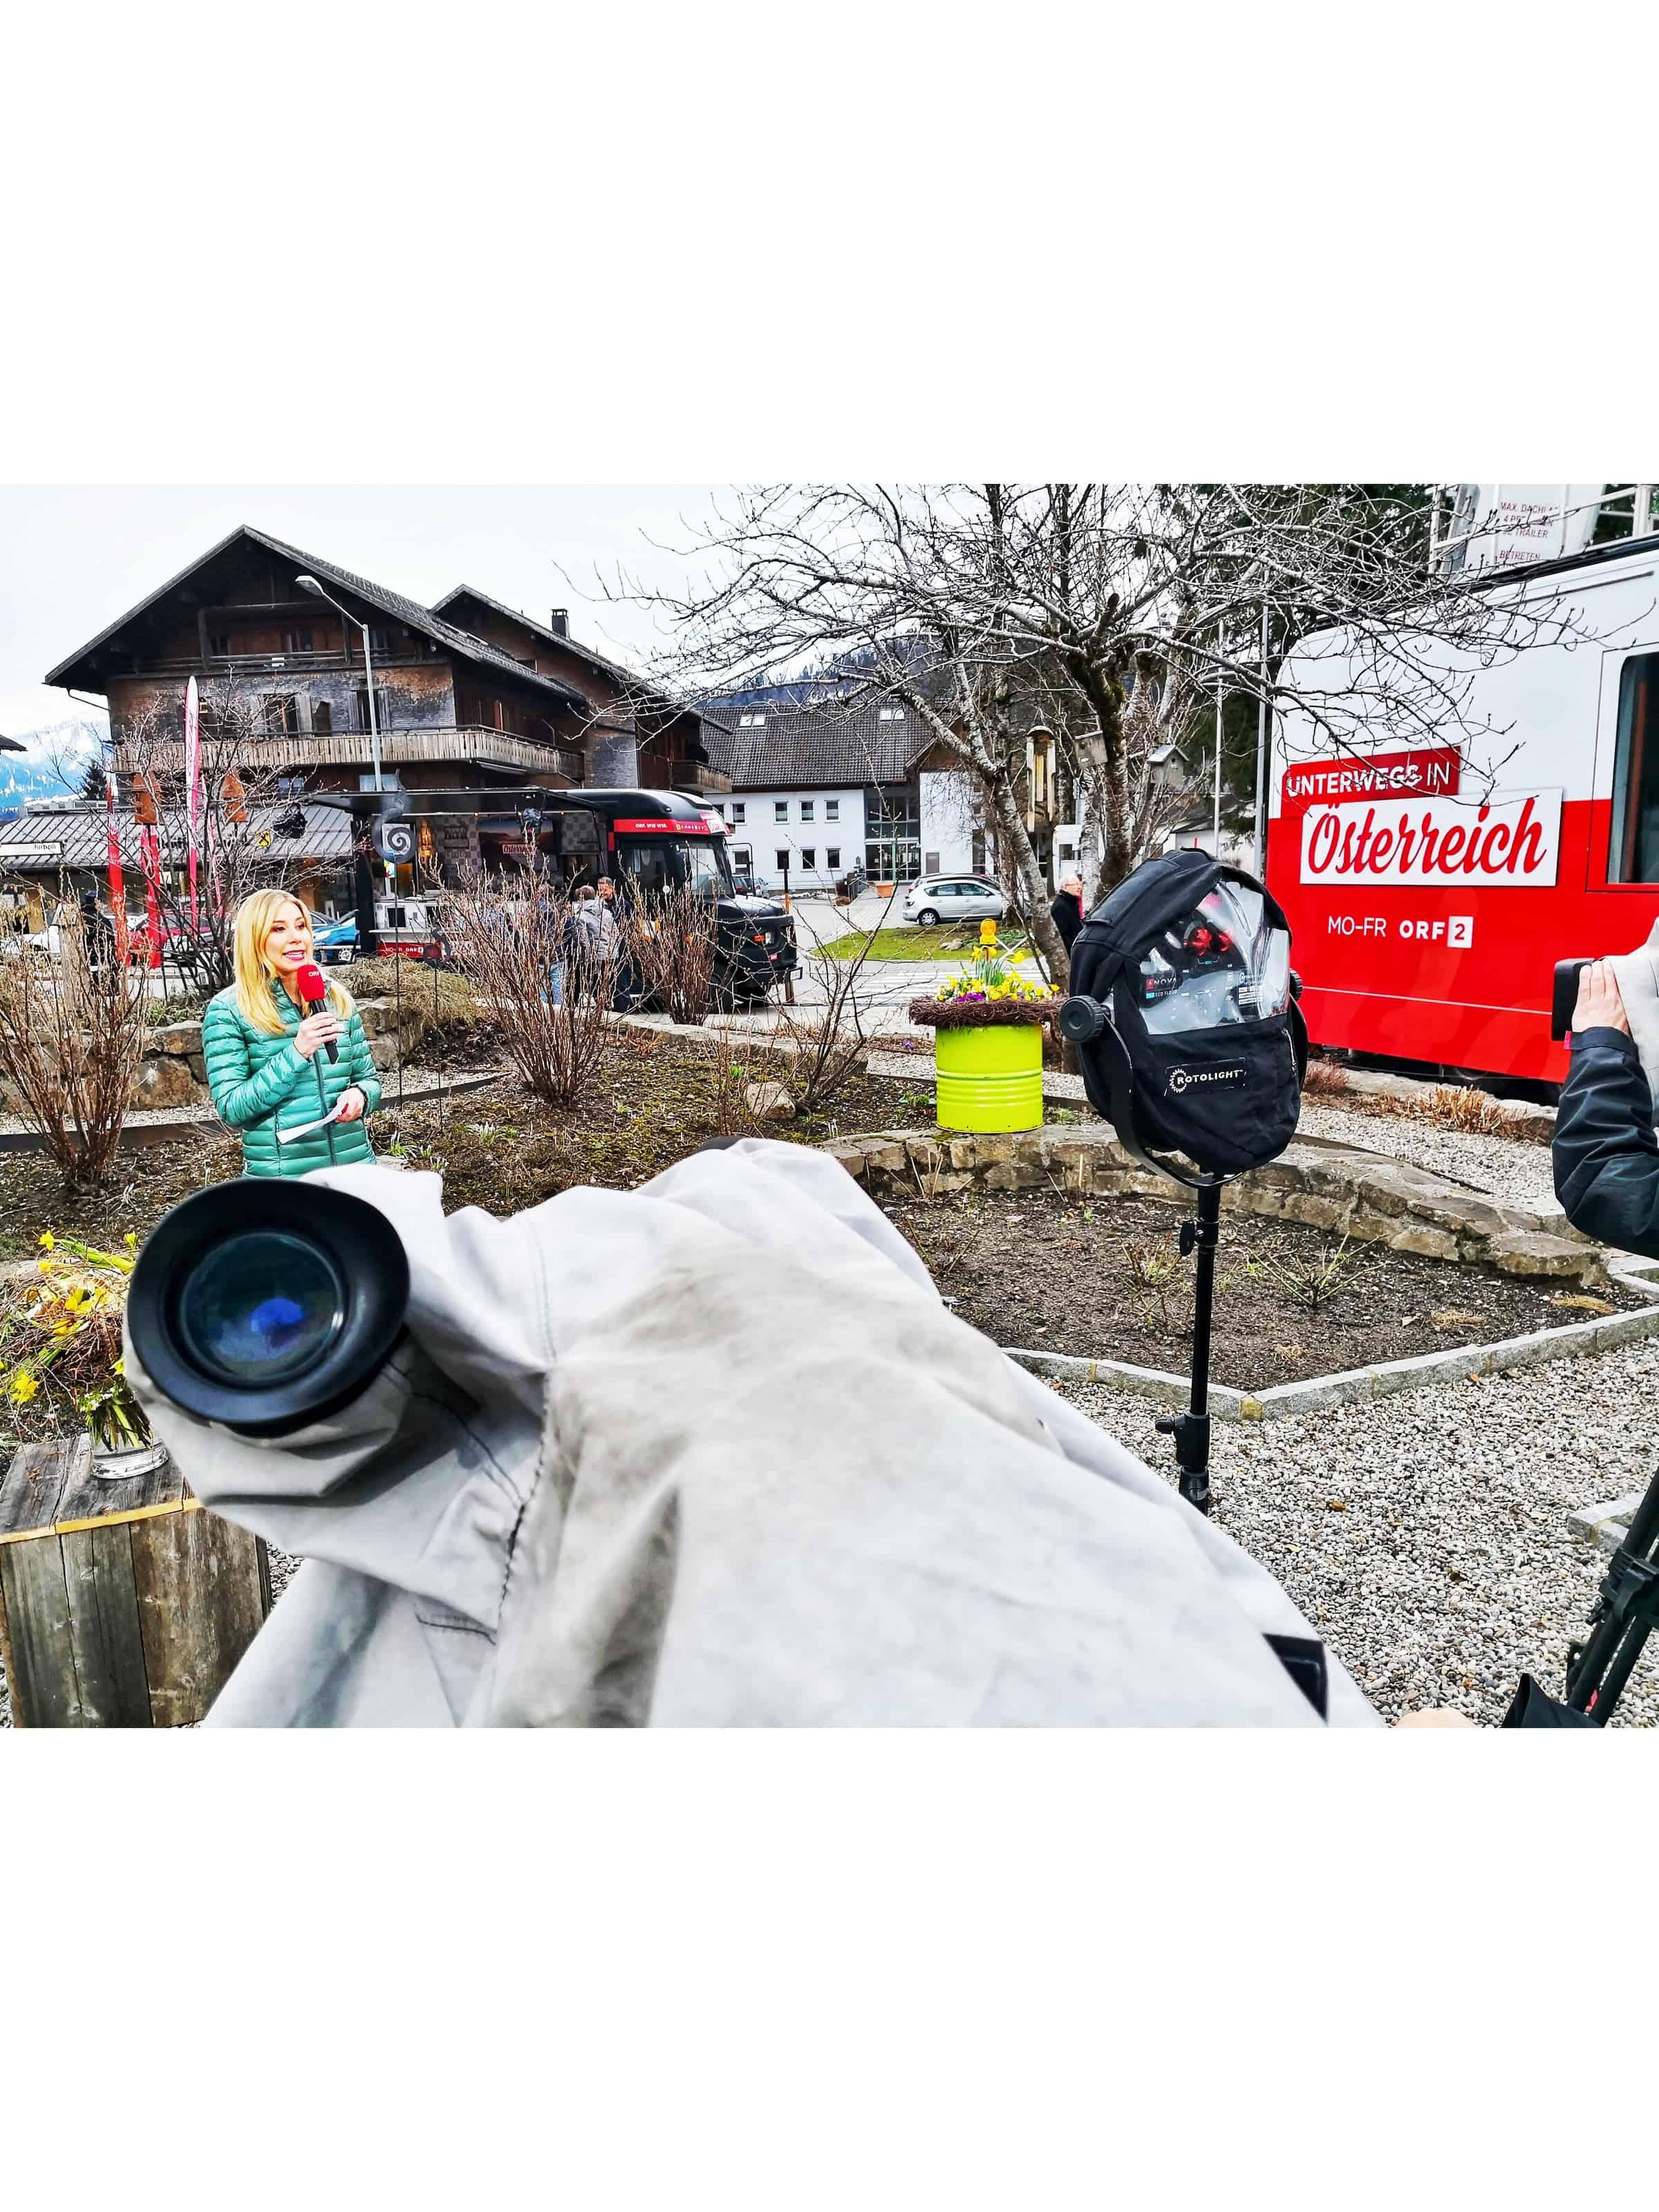 andreas felder kameramann ORF Guten Morgen Österreich ORF Daheim in Österreich 29 29.03.2018 17 24 08 - ORF Unterwegs in Österreich